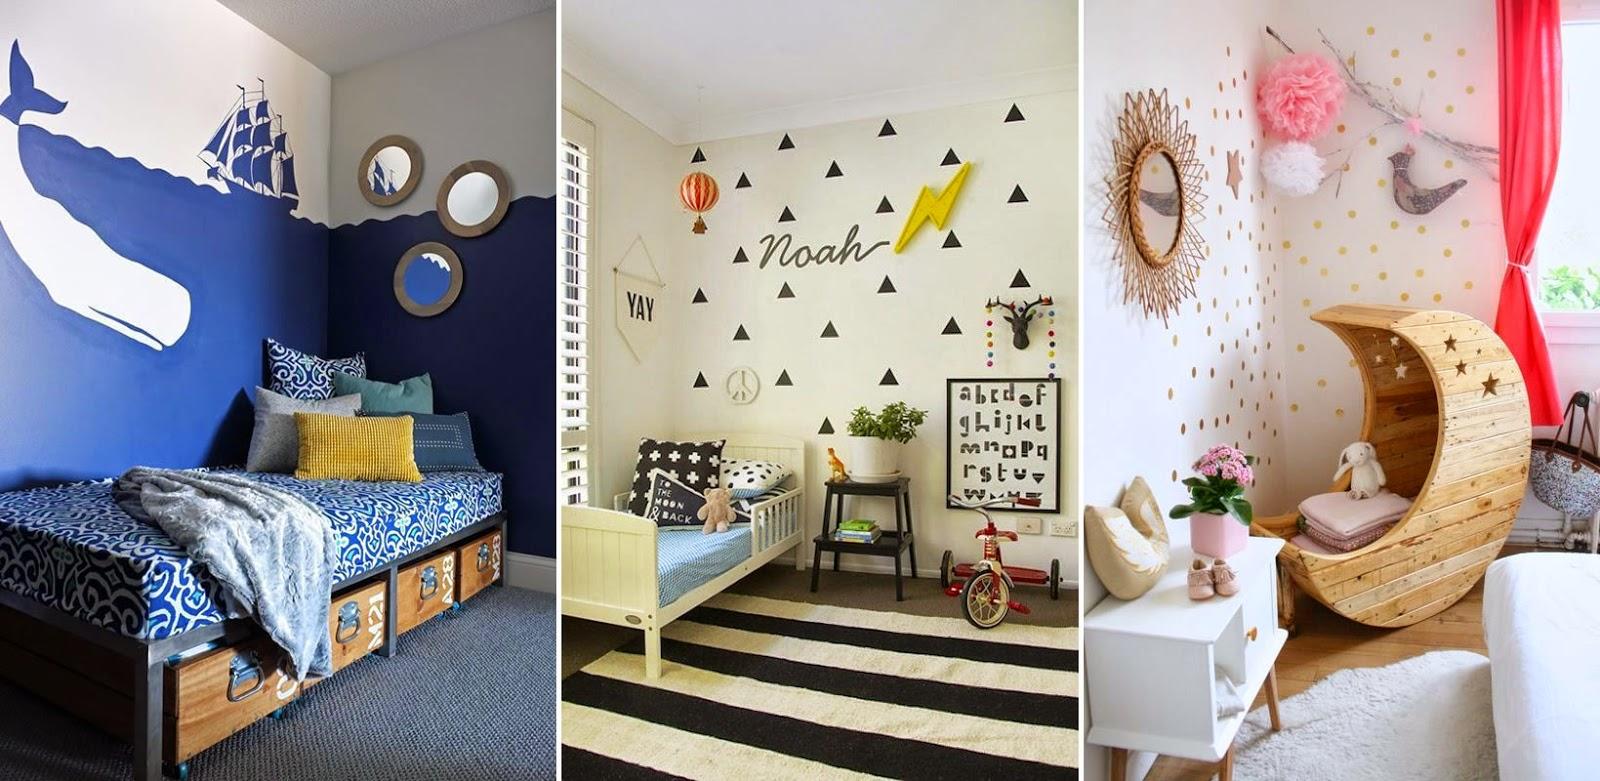 9 murales originales en habitaciones infantiles m s chicos - Habitaciones infantiles originales ...